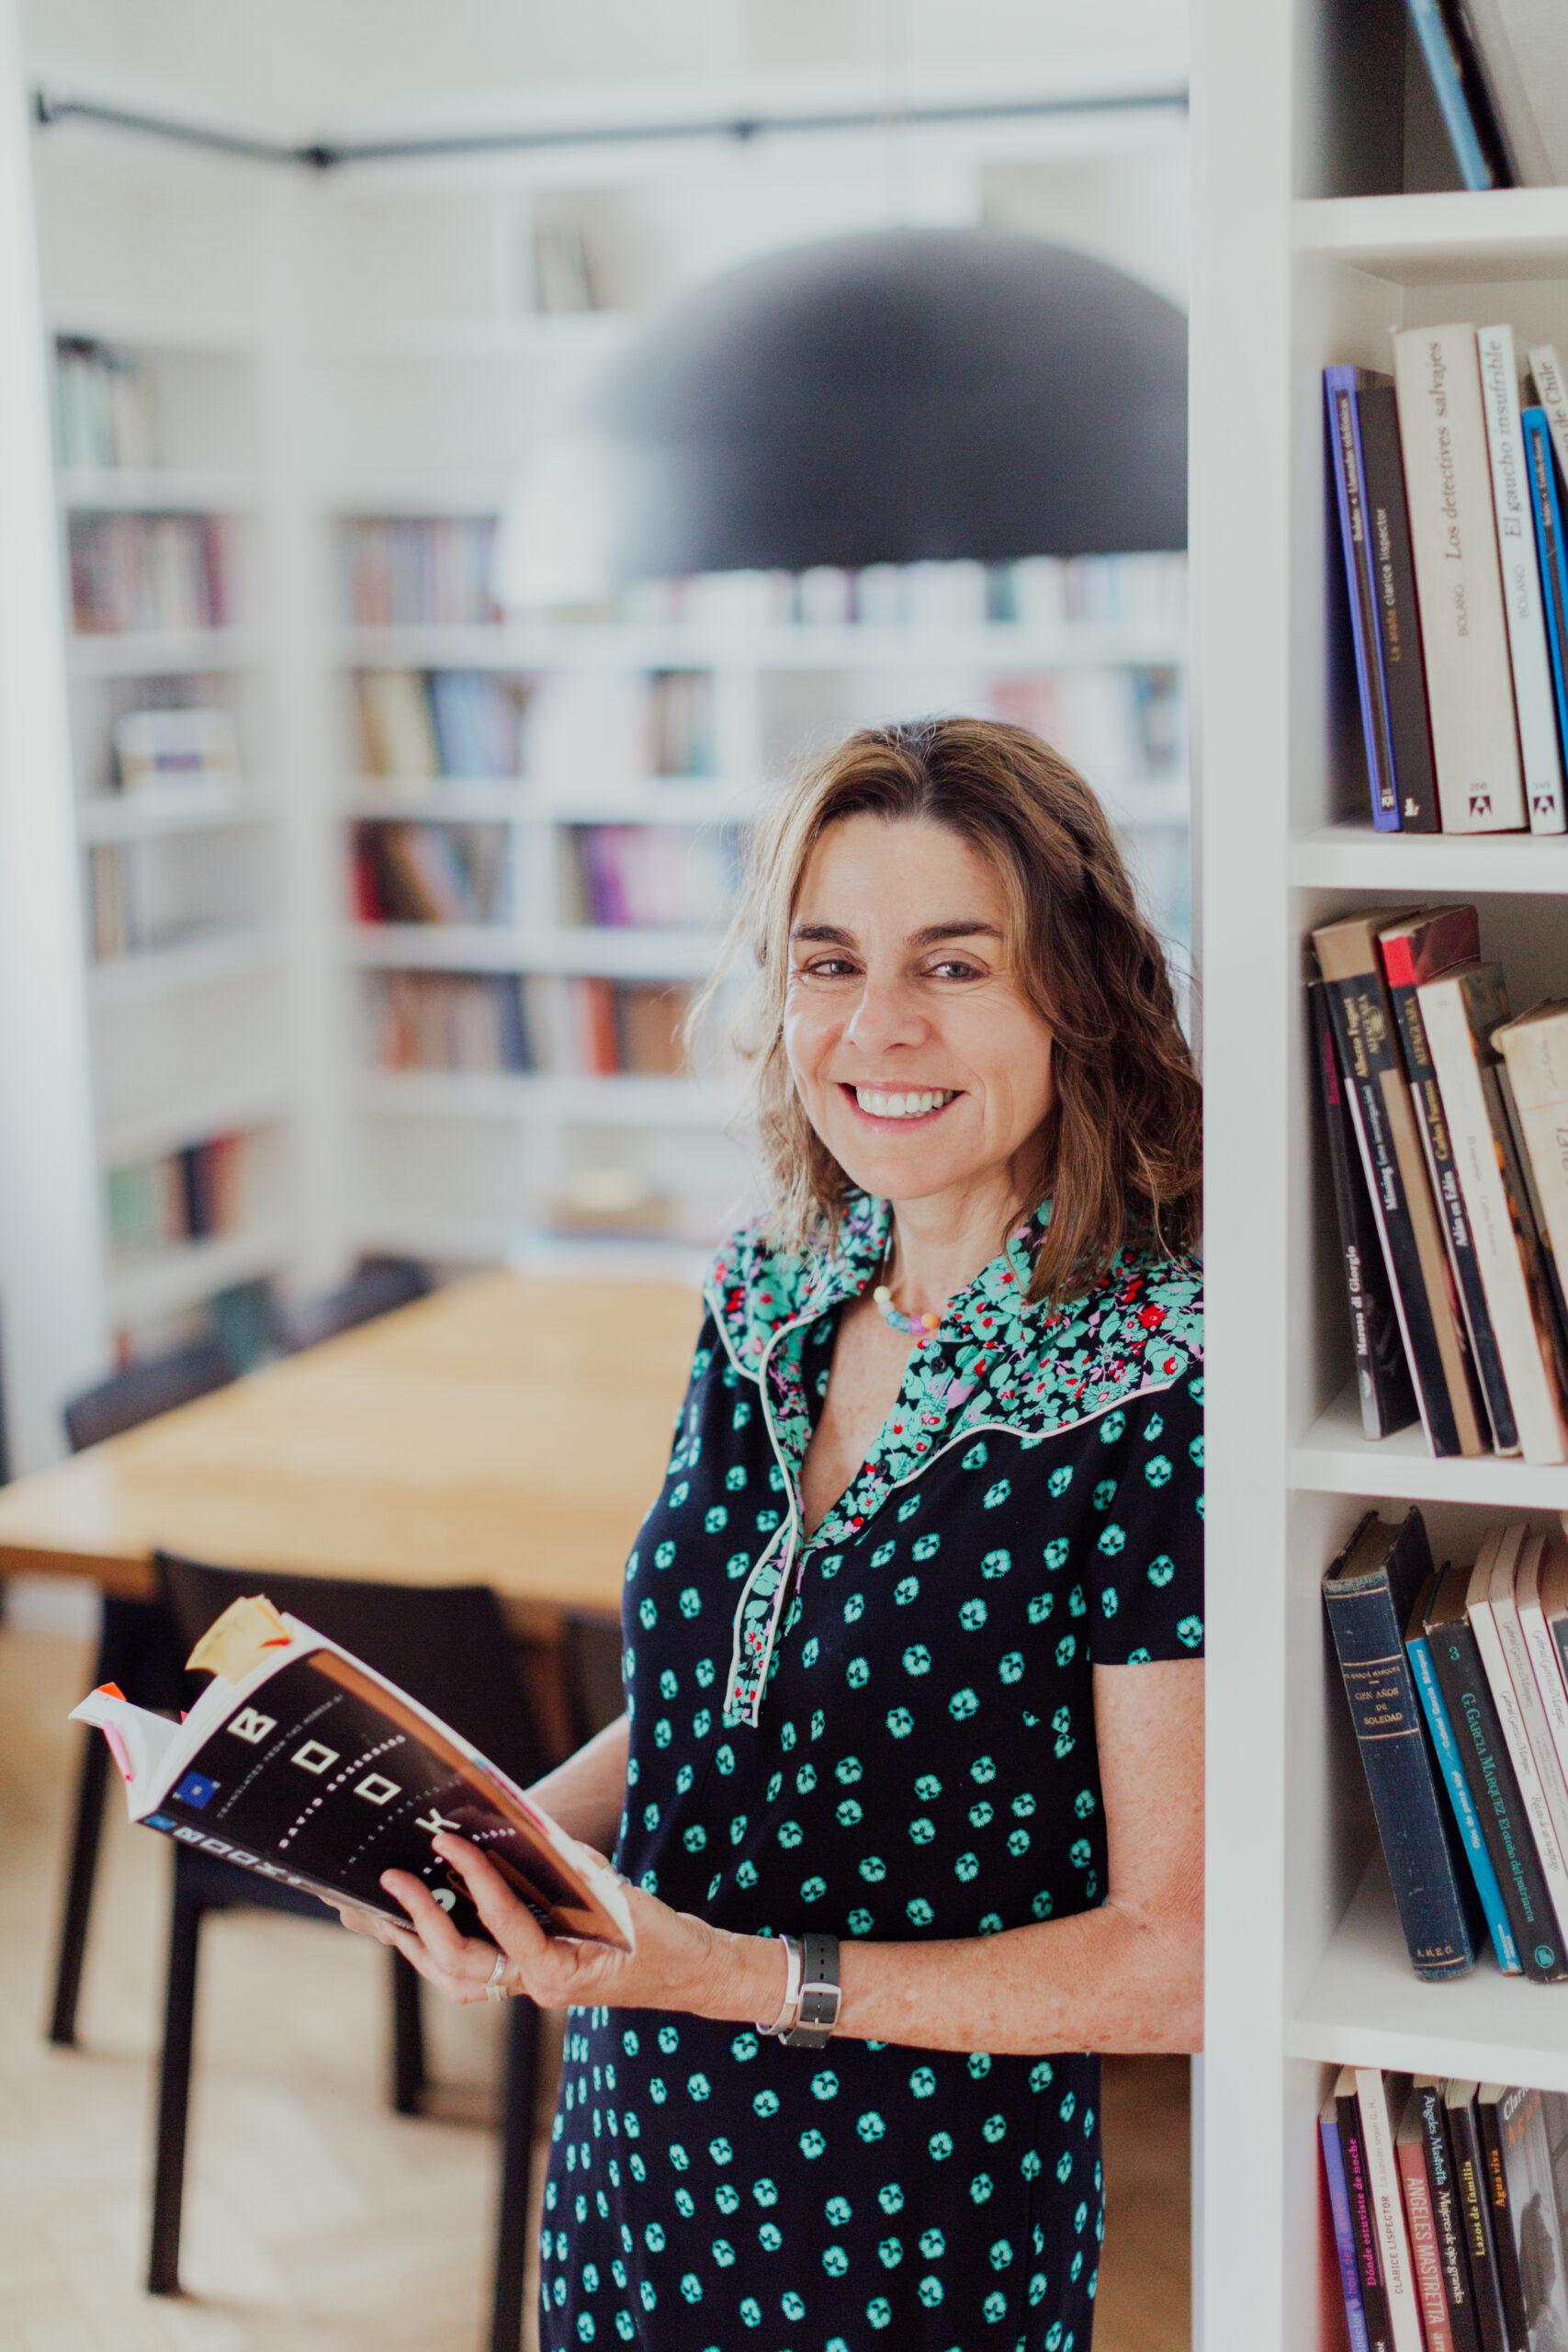 Inés Arteta: «Cualquier selección para narrar el mundo es arbitraria»